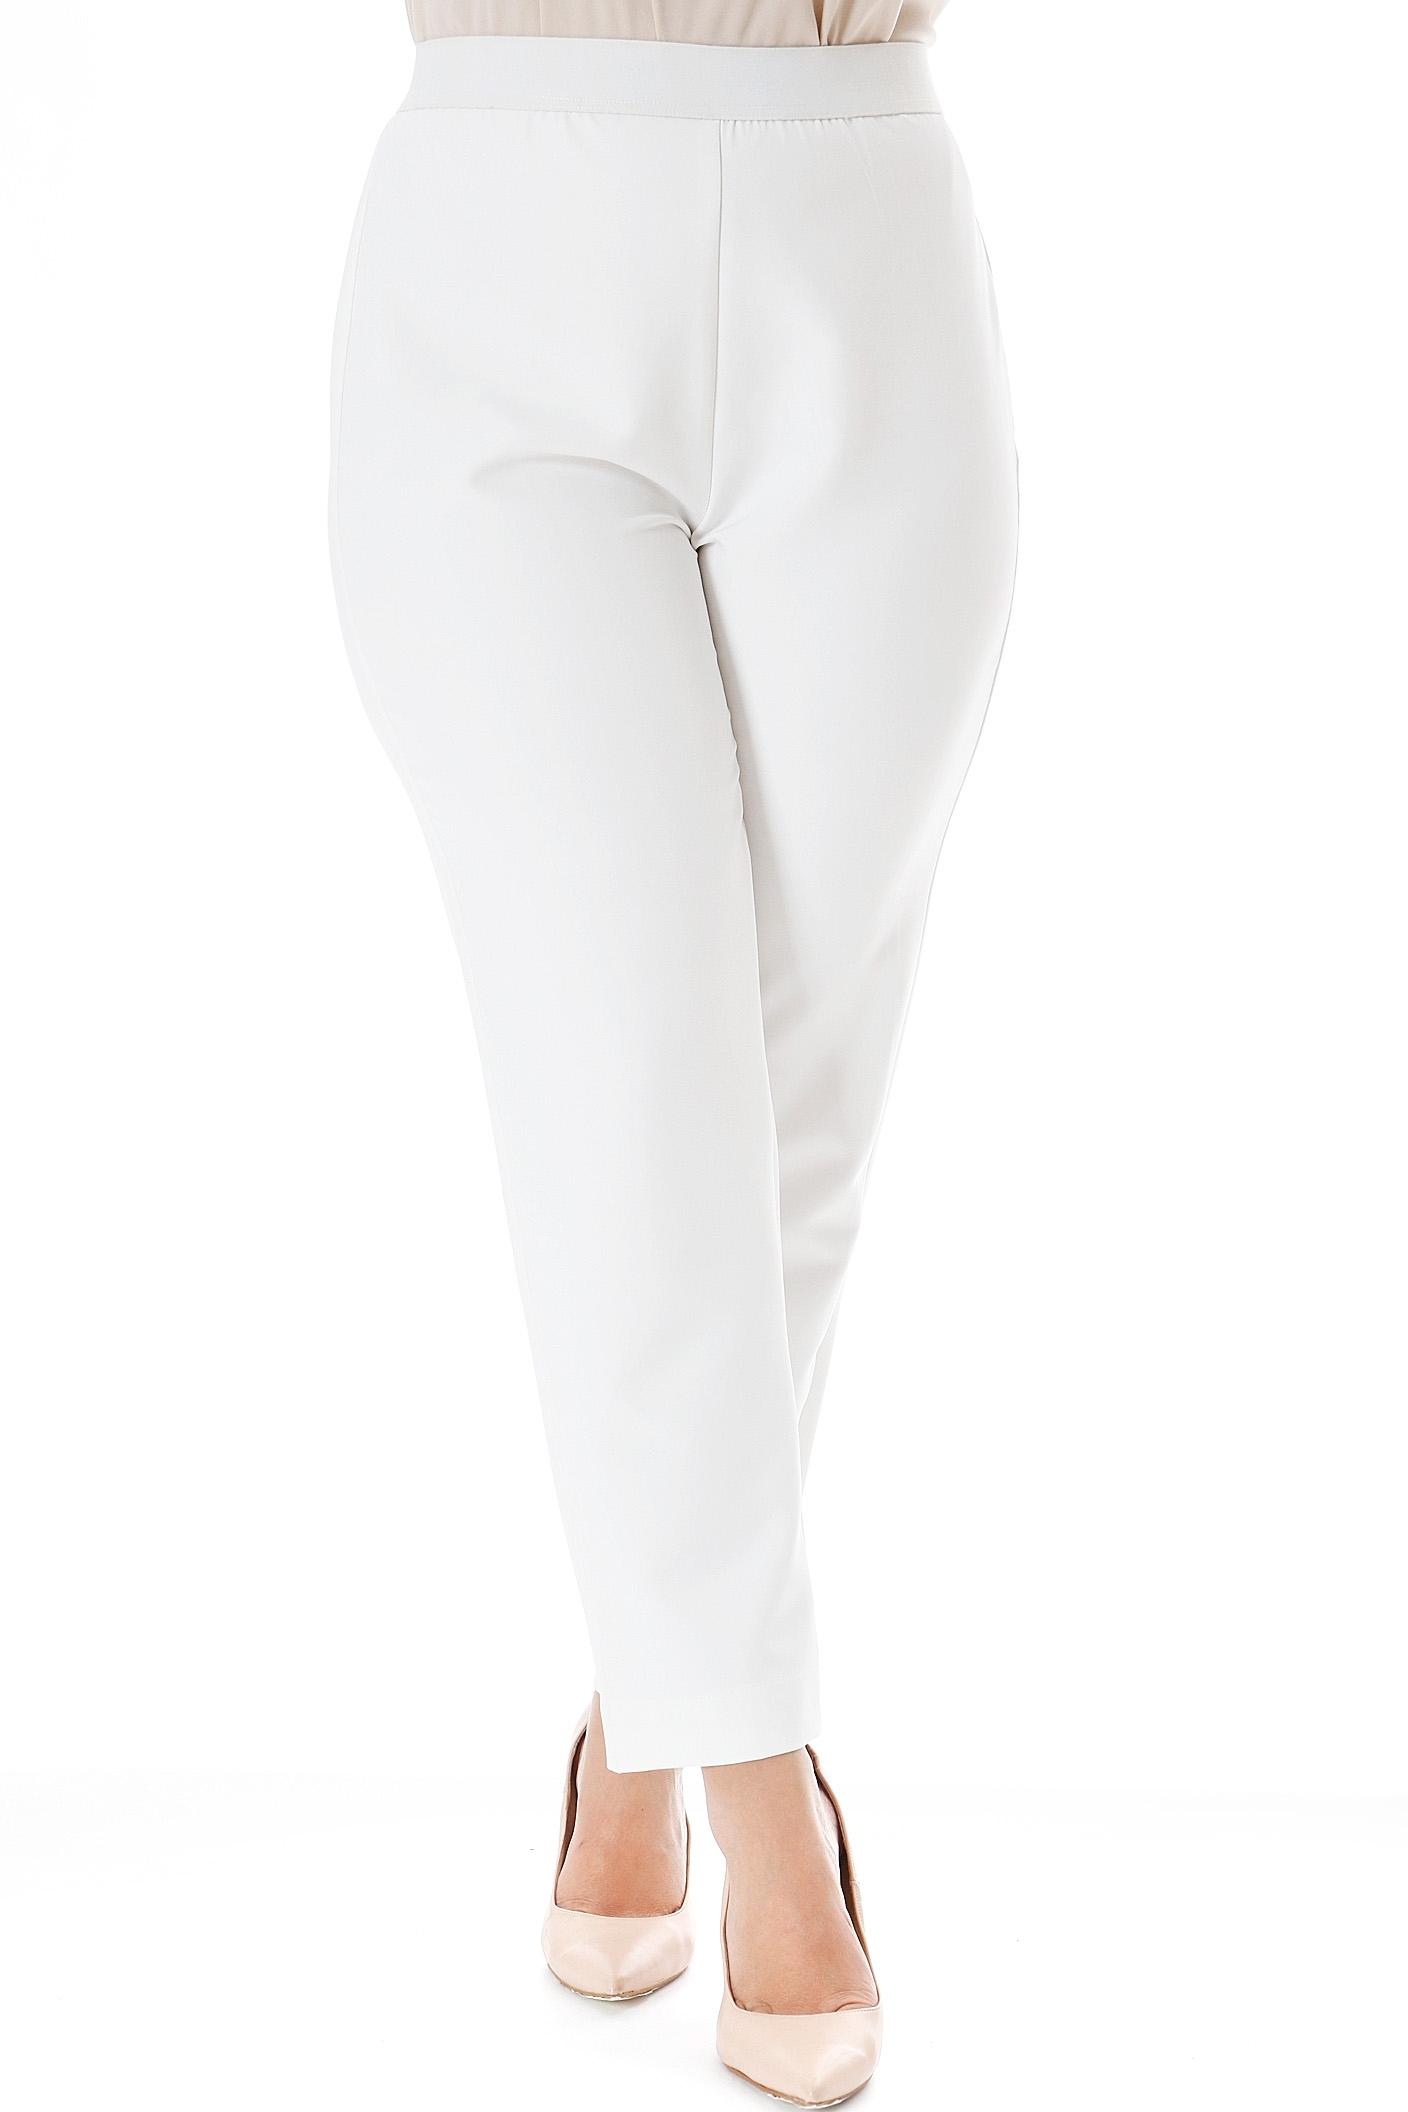 Παντελόνι 7/8 άσπρο νέες αφίξεις   ενδύματα   παντελόνια   κολάν